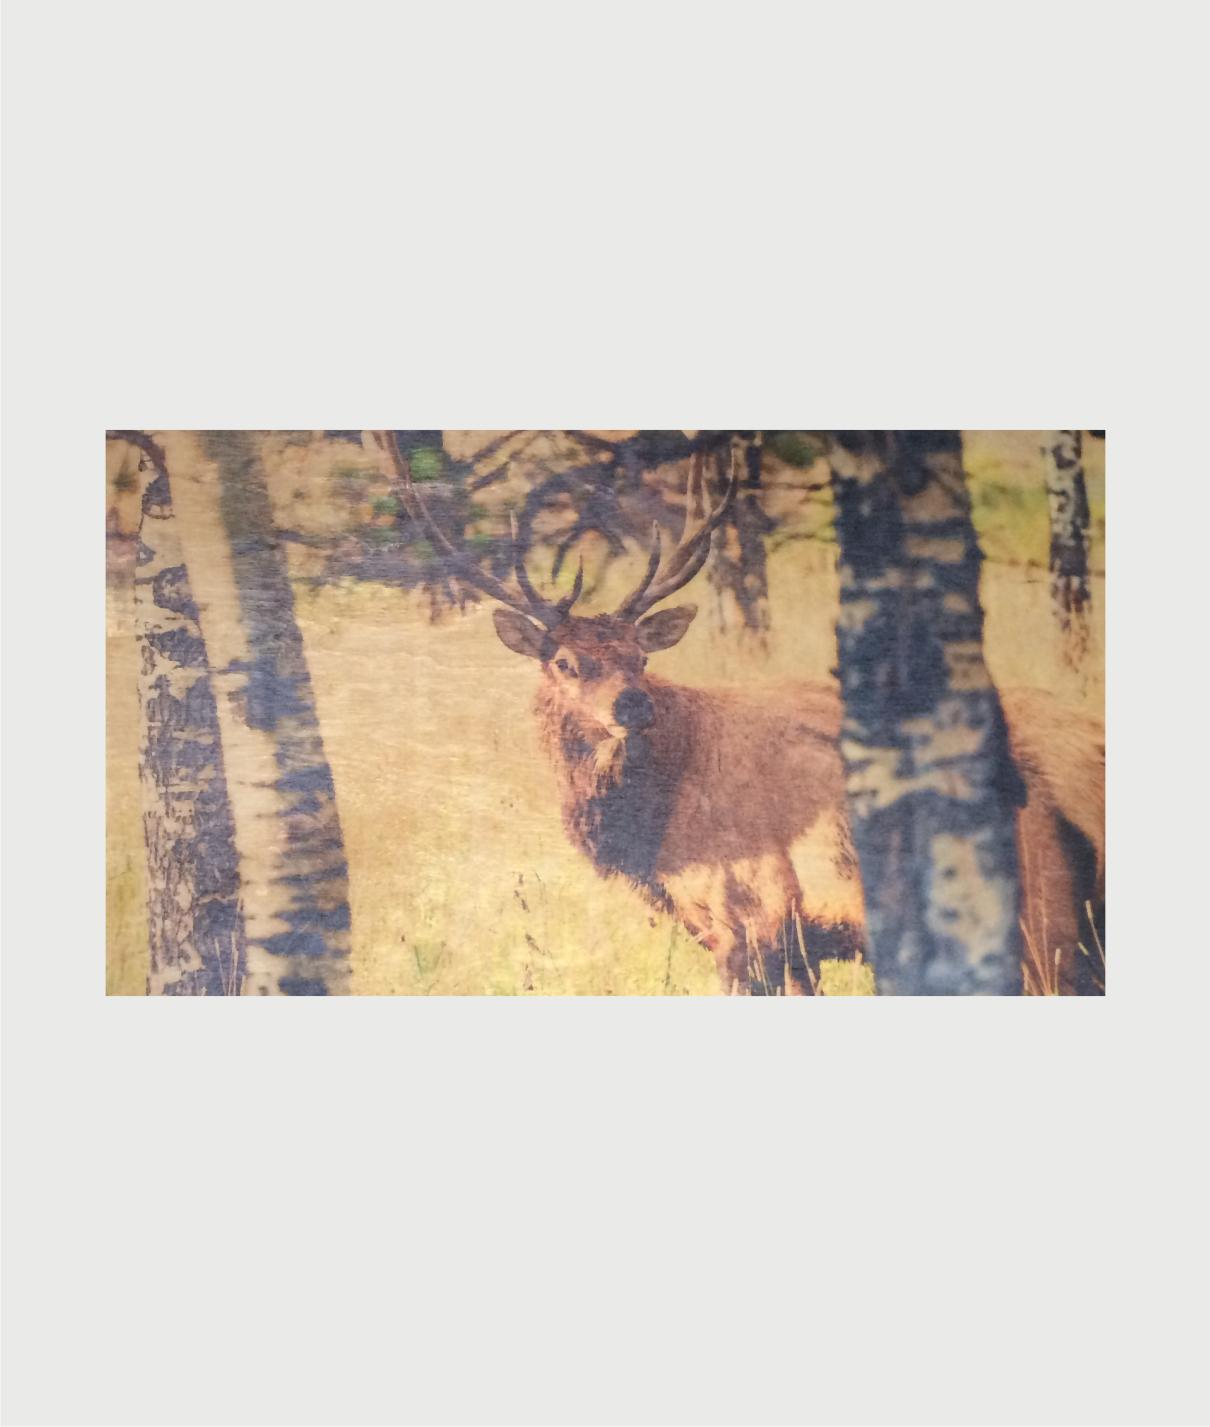 Billede i træ med hjort 00017